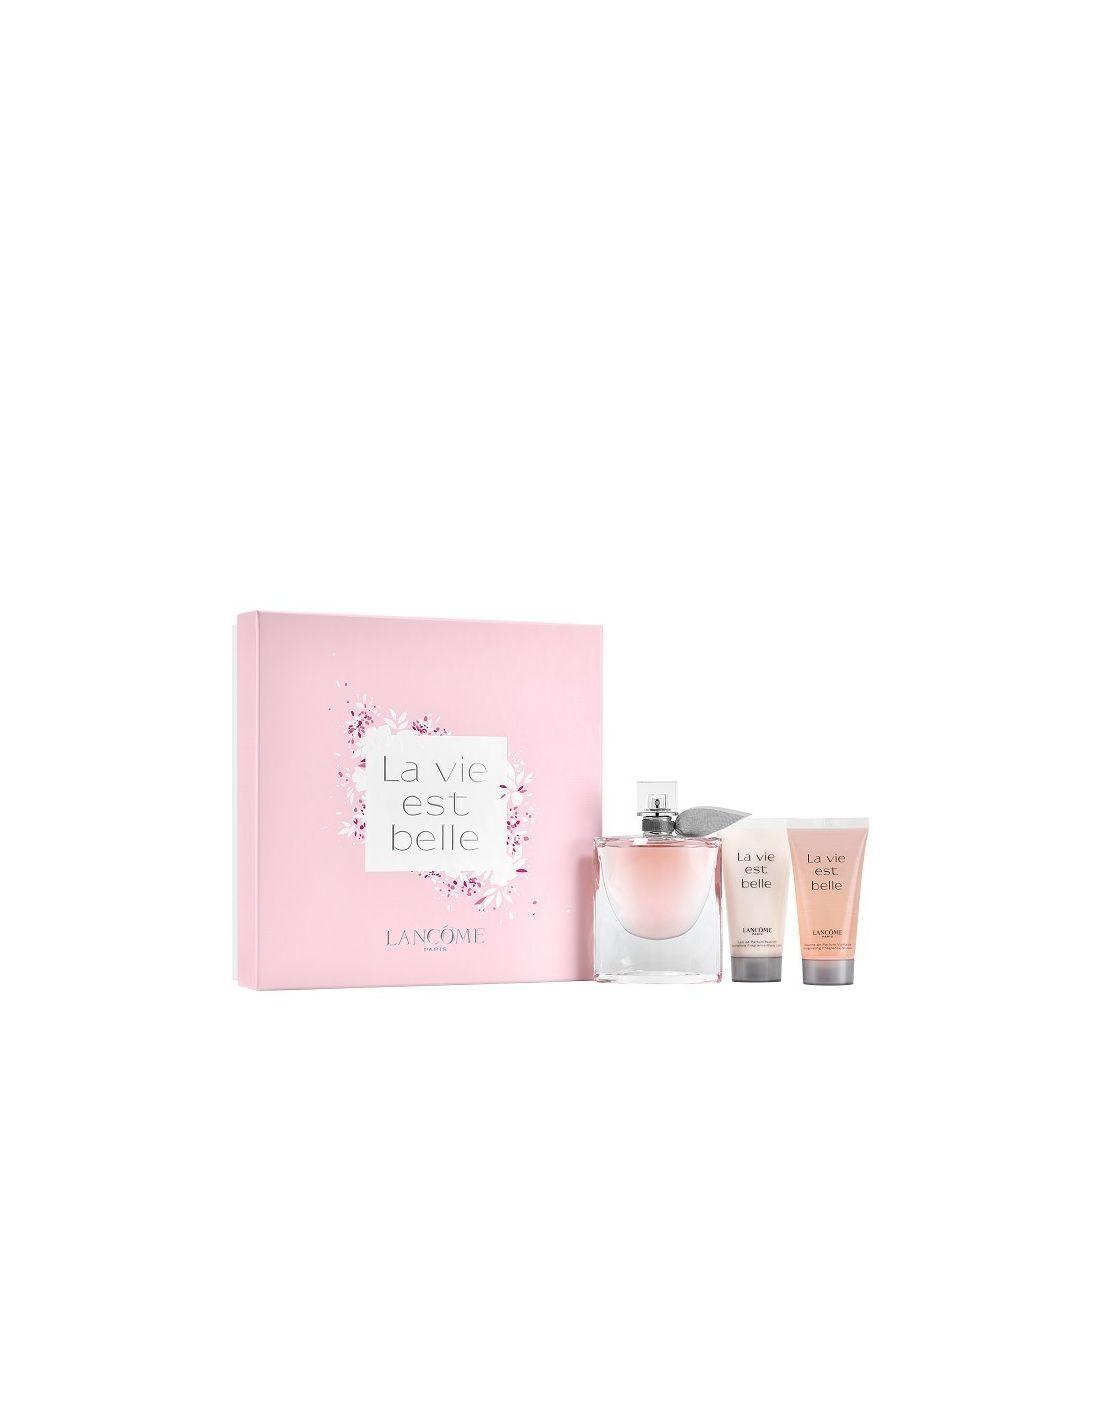 la vie est belle coffret edp 75 ml body lotion shower gel perfumes 24. Black Bedroom Furniture Sets. Home Design Ideas